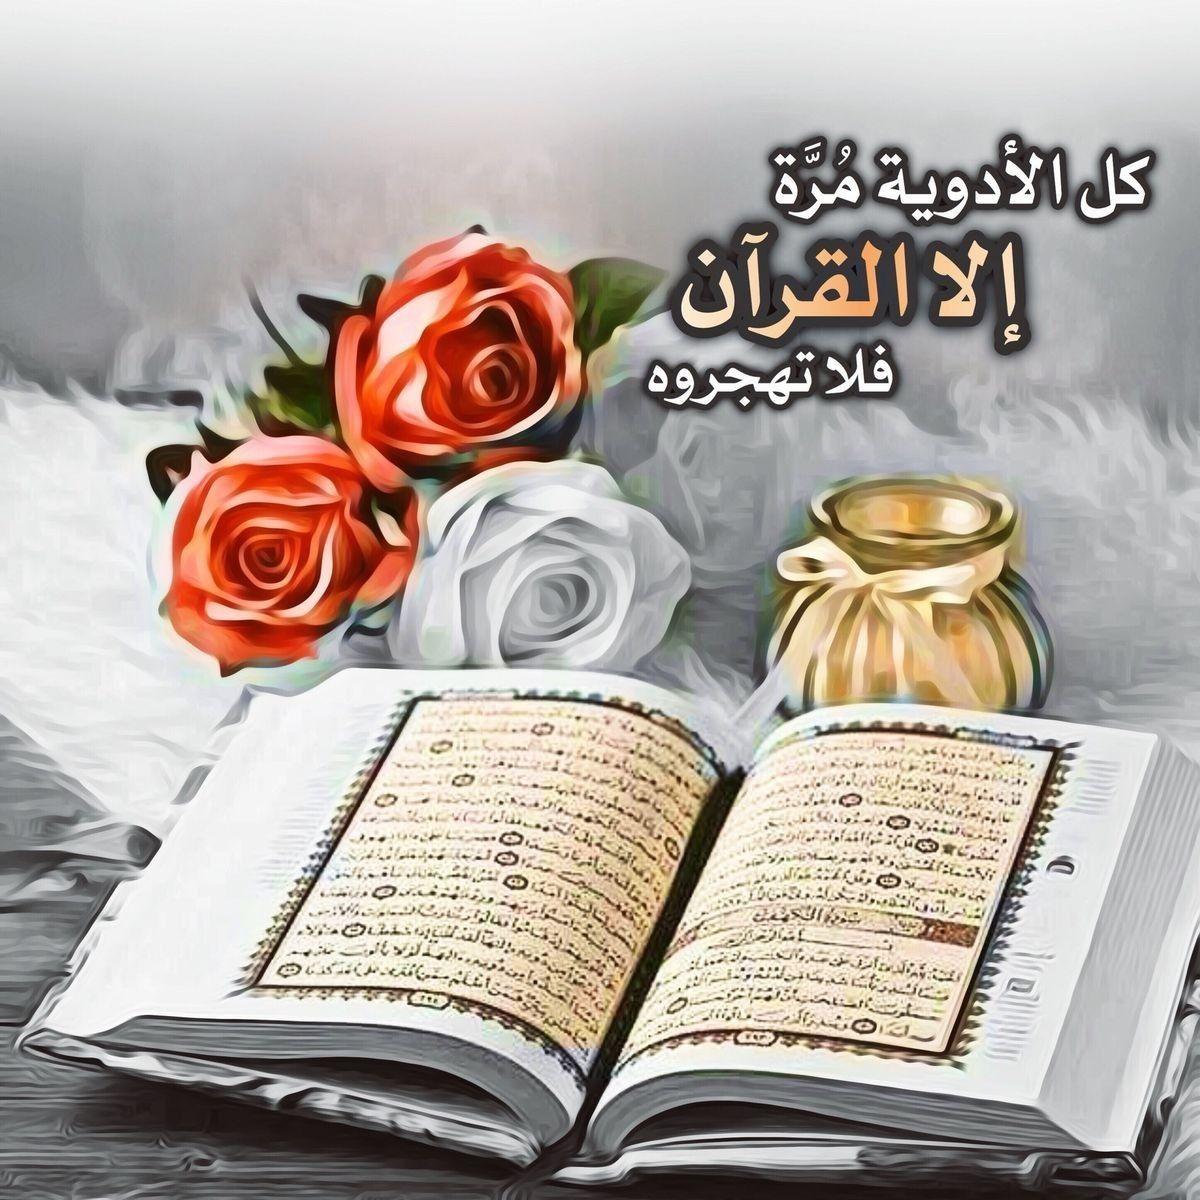 Pin By ام ماريا On رمزيات القرآن الكريم Quran Book Quran Wallpaper Quran Sharif